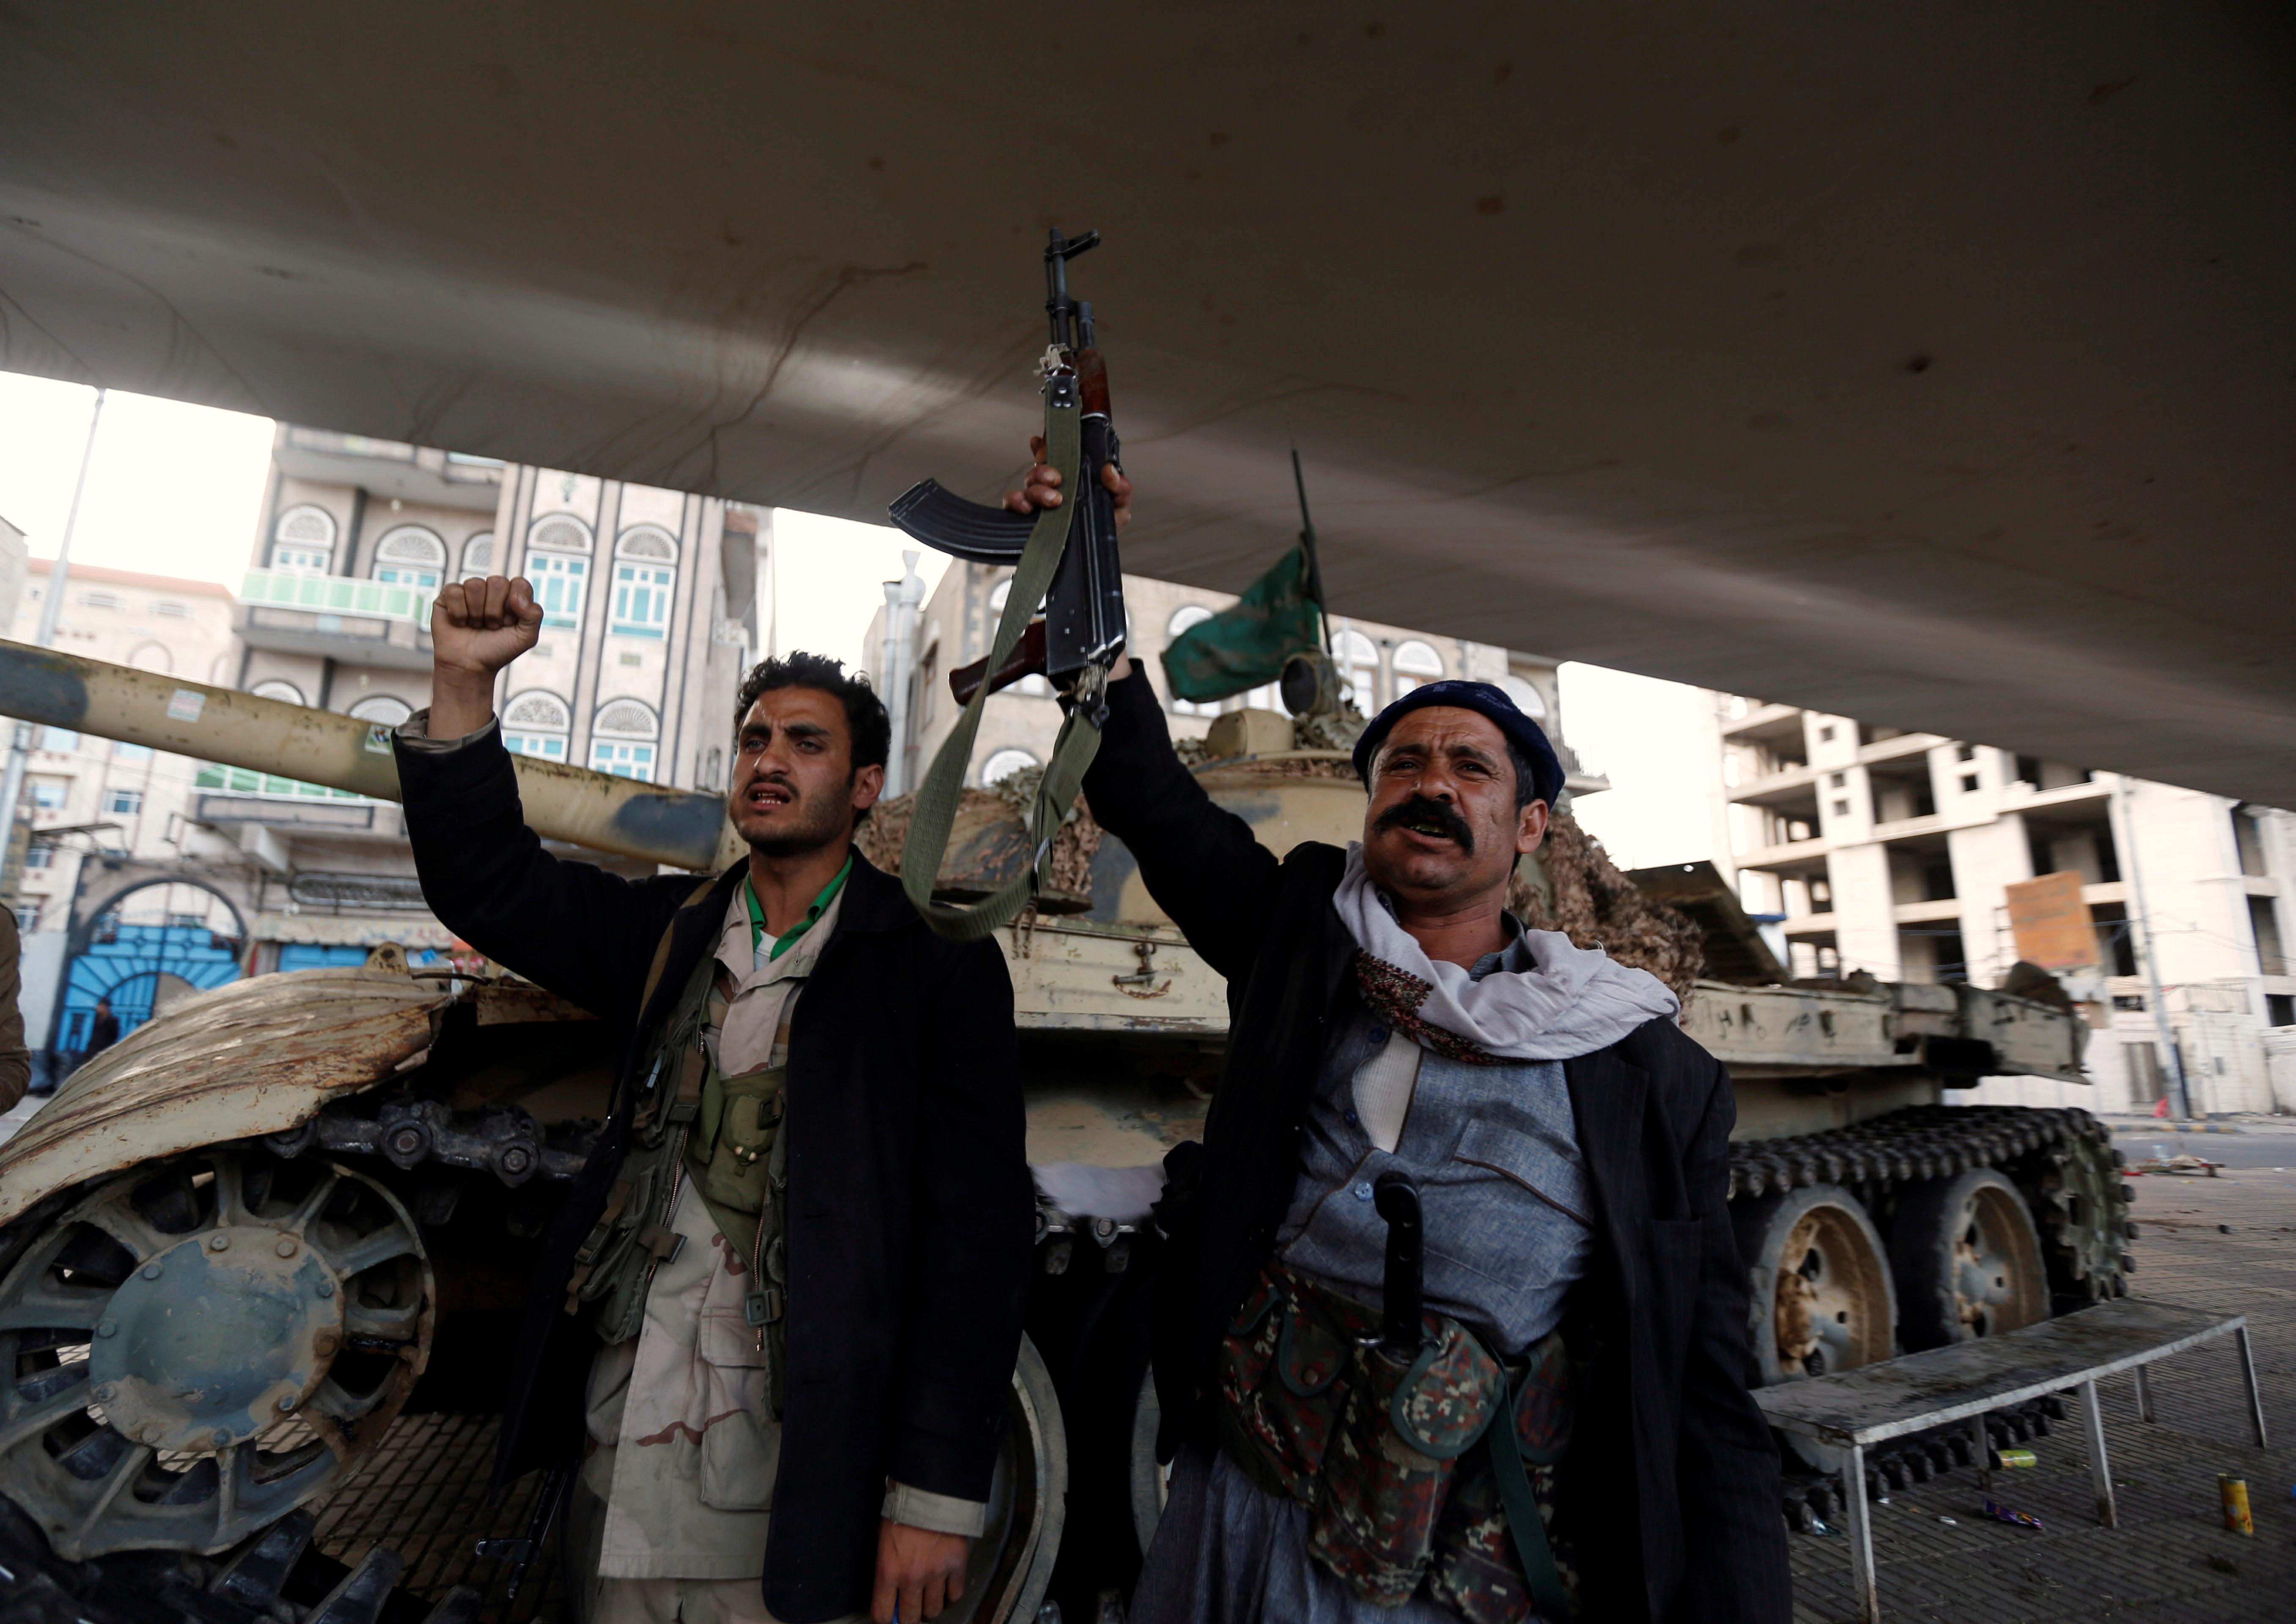 حوثيون يشهرون أسلحتهم